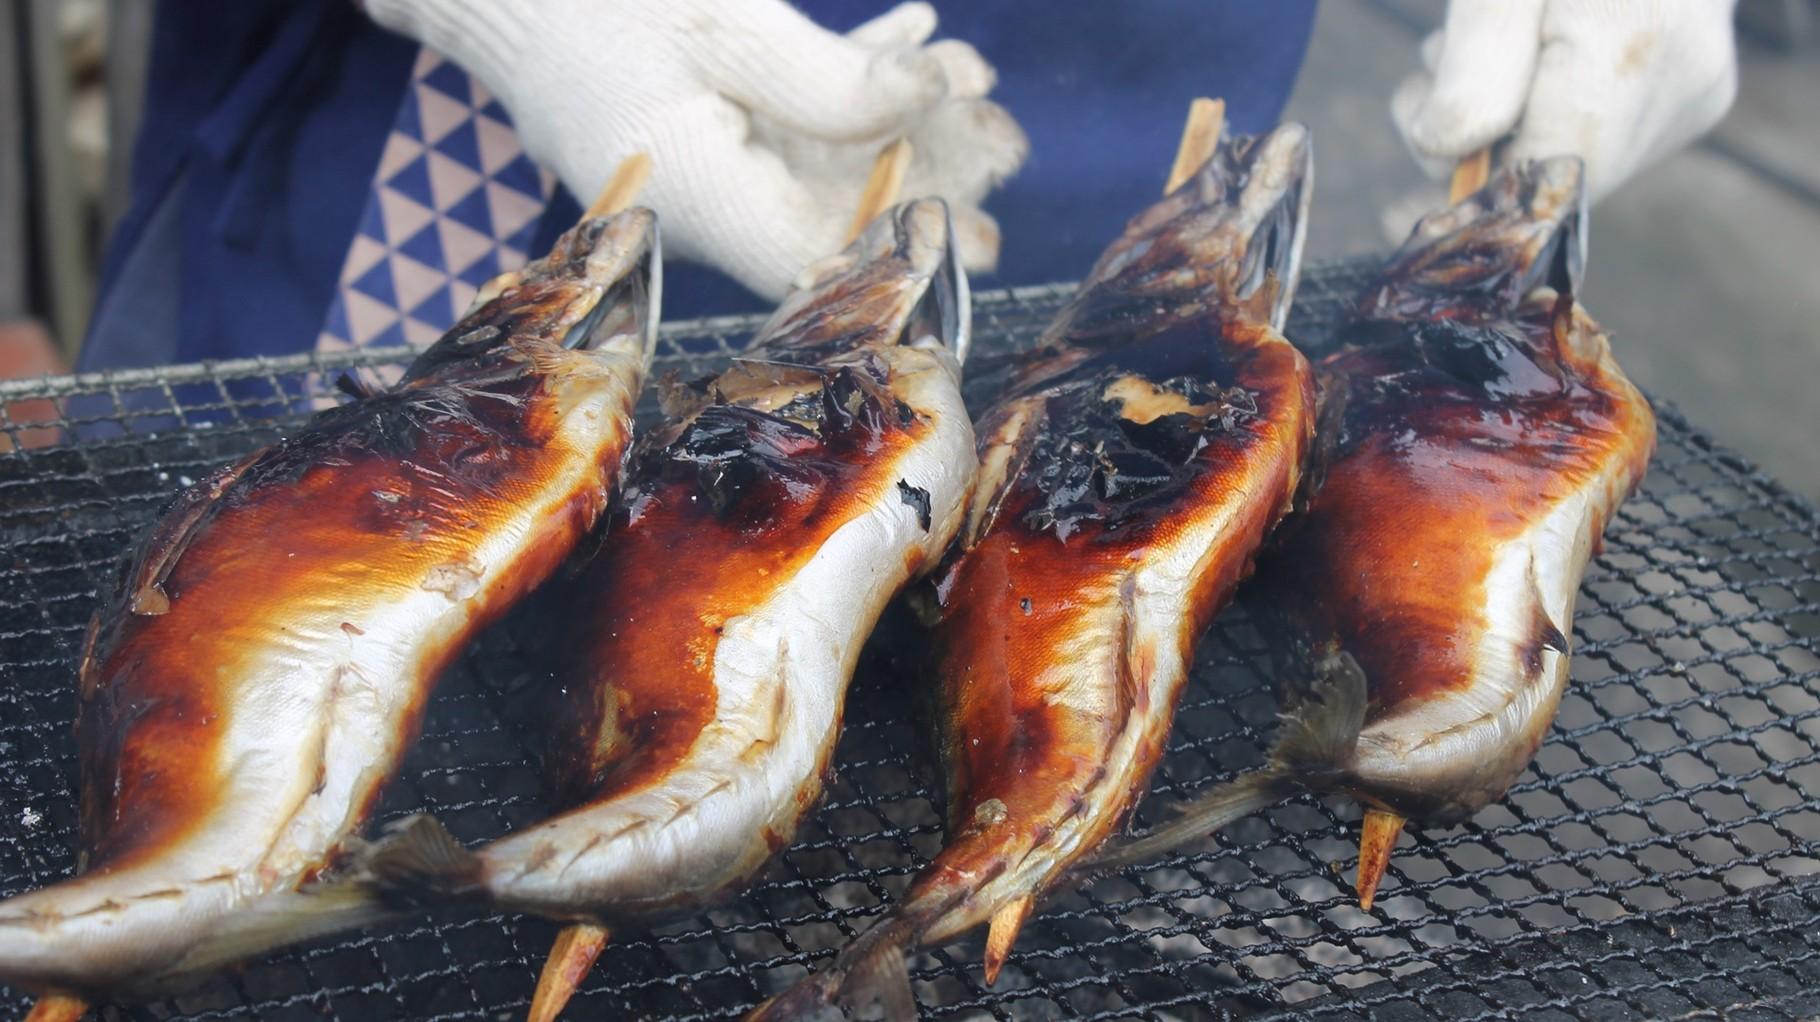 いいにおいがする炭火焼鯖の丸焼き